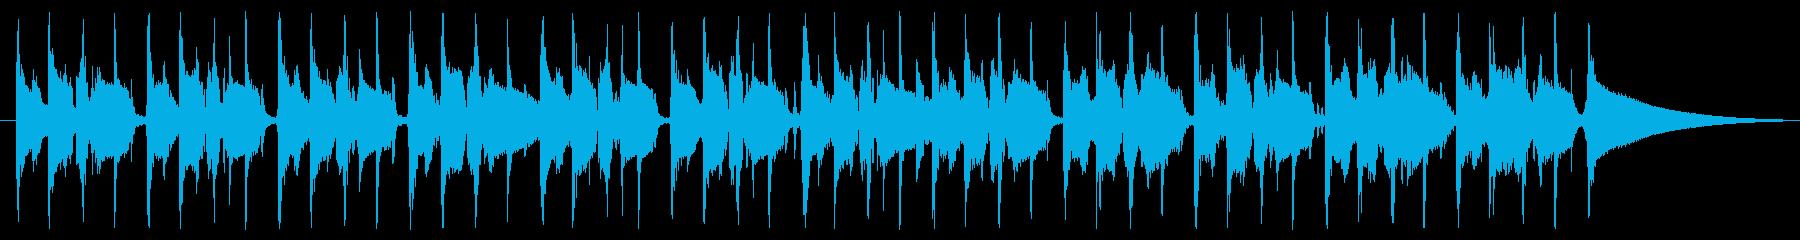 使いやすいファンク 30秒版の再生済みの波形